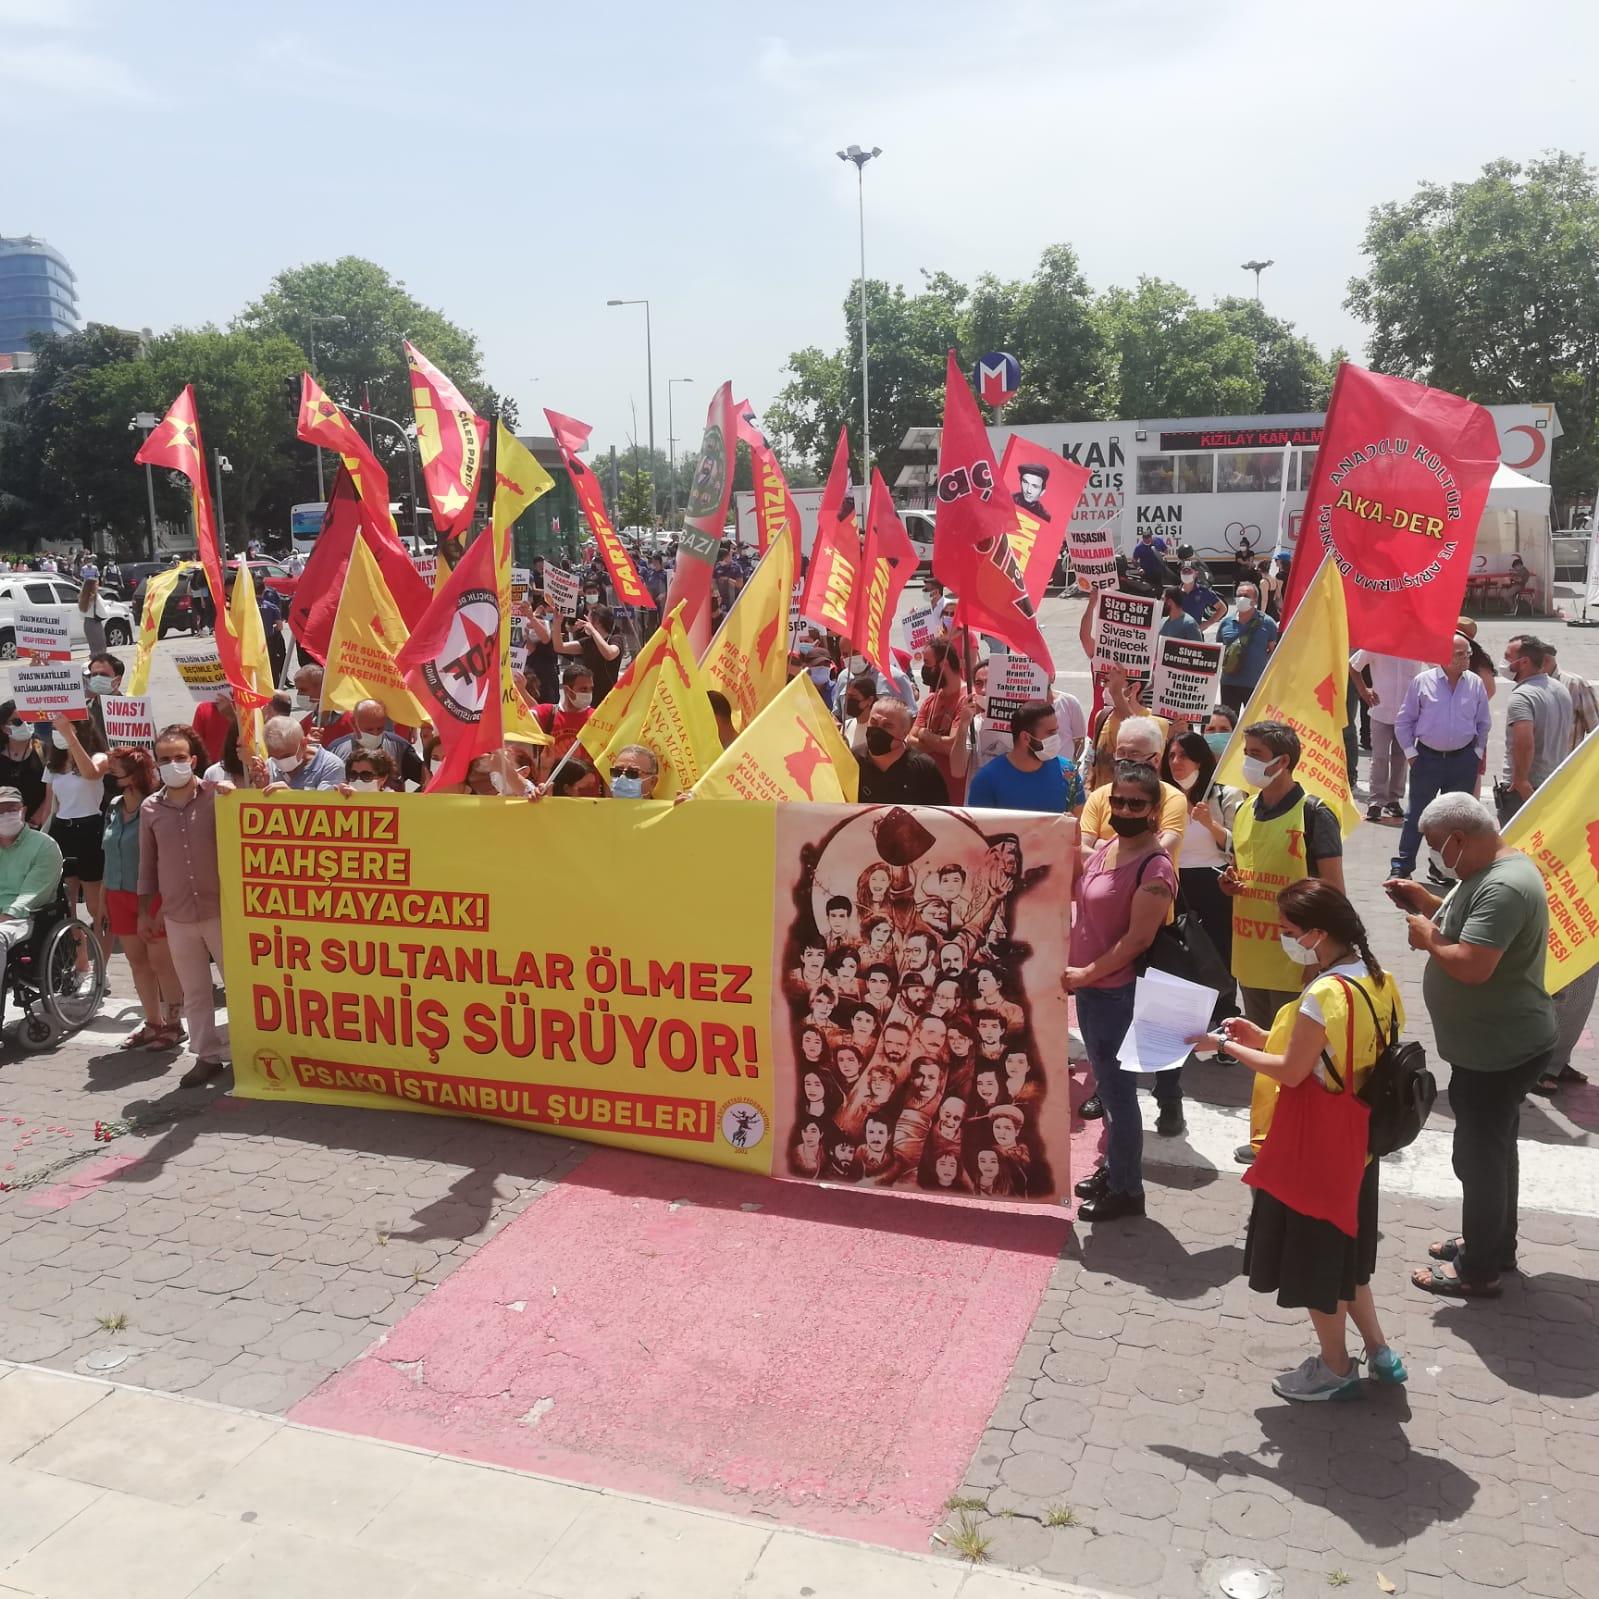 PSAKD İstanbul Şubeleri 2 Temmuz Madımak Katliamı'nda katledilenleri andı